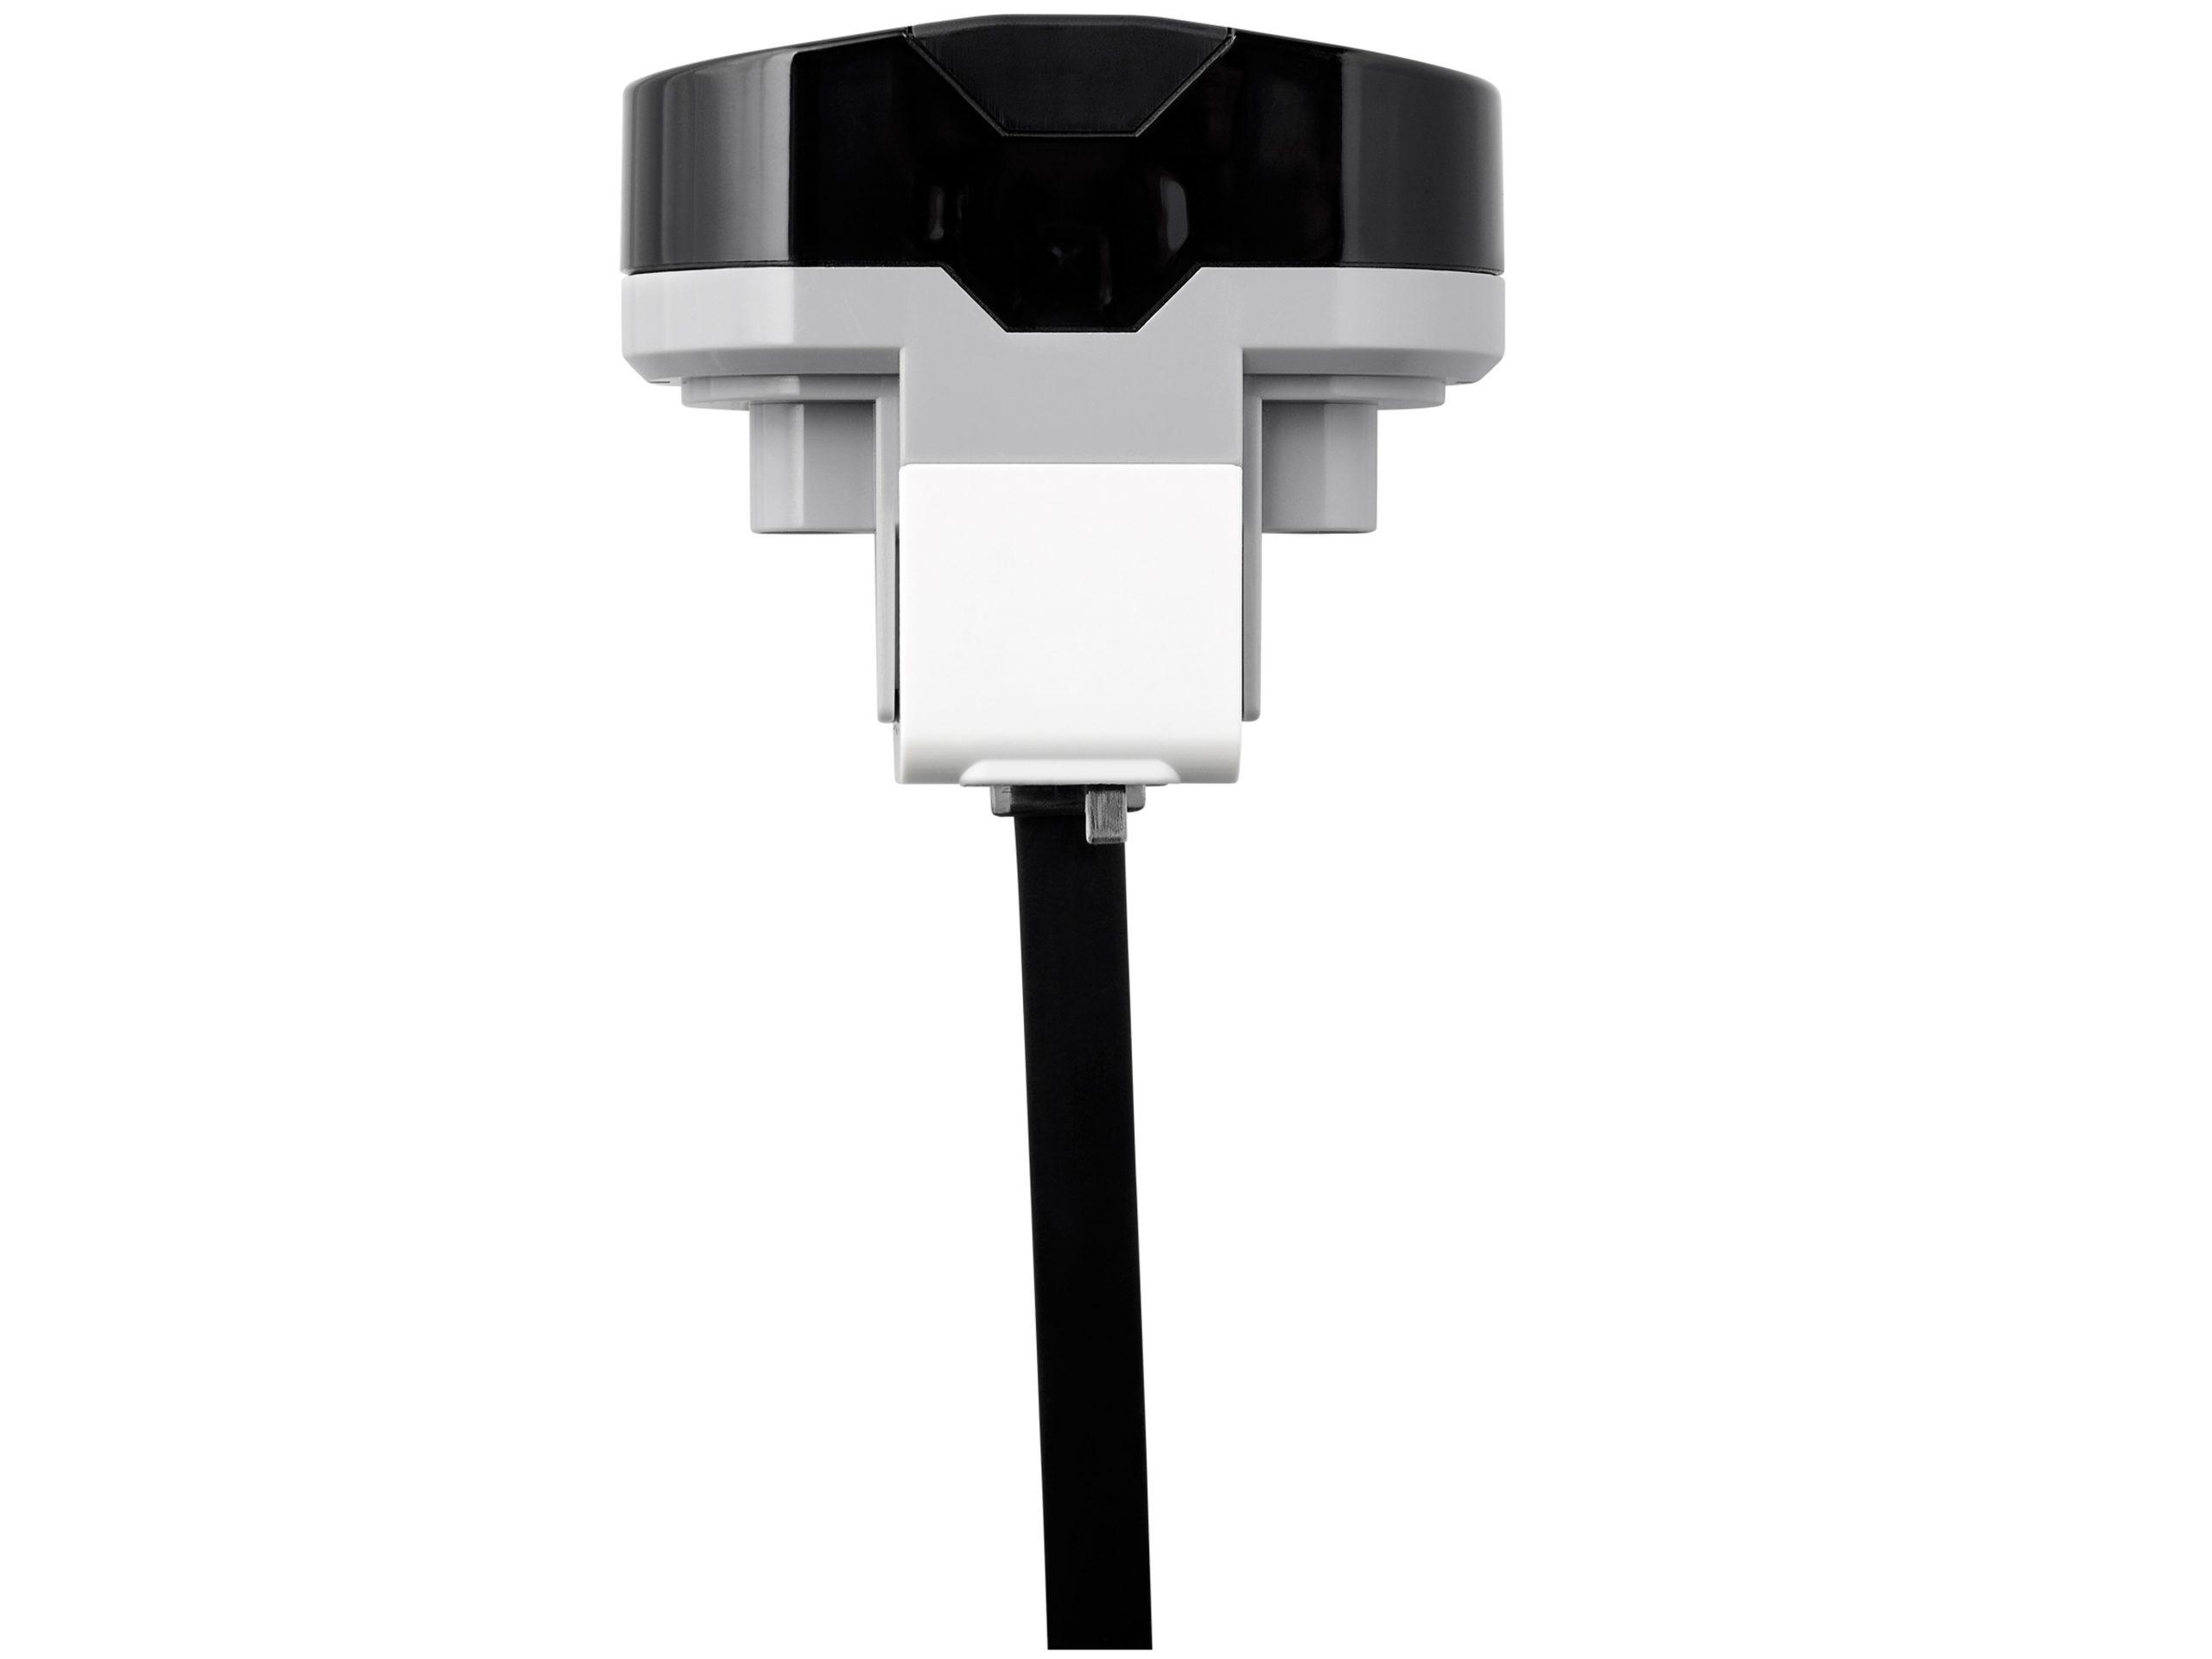 lego 45509 sensore di prossimita a infrarossi ev3 scaled